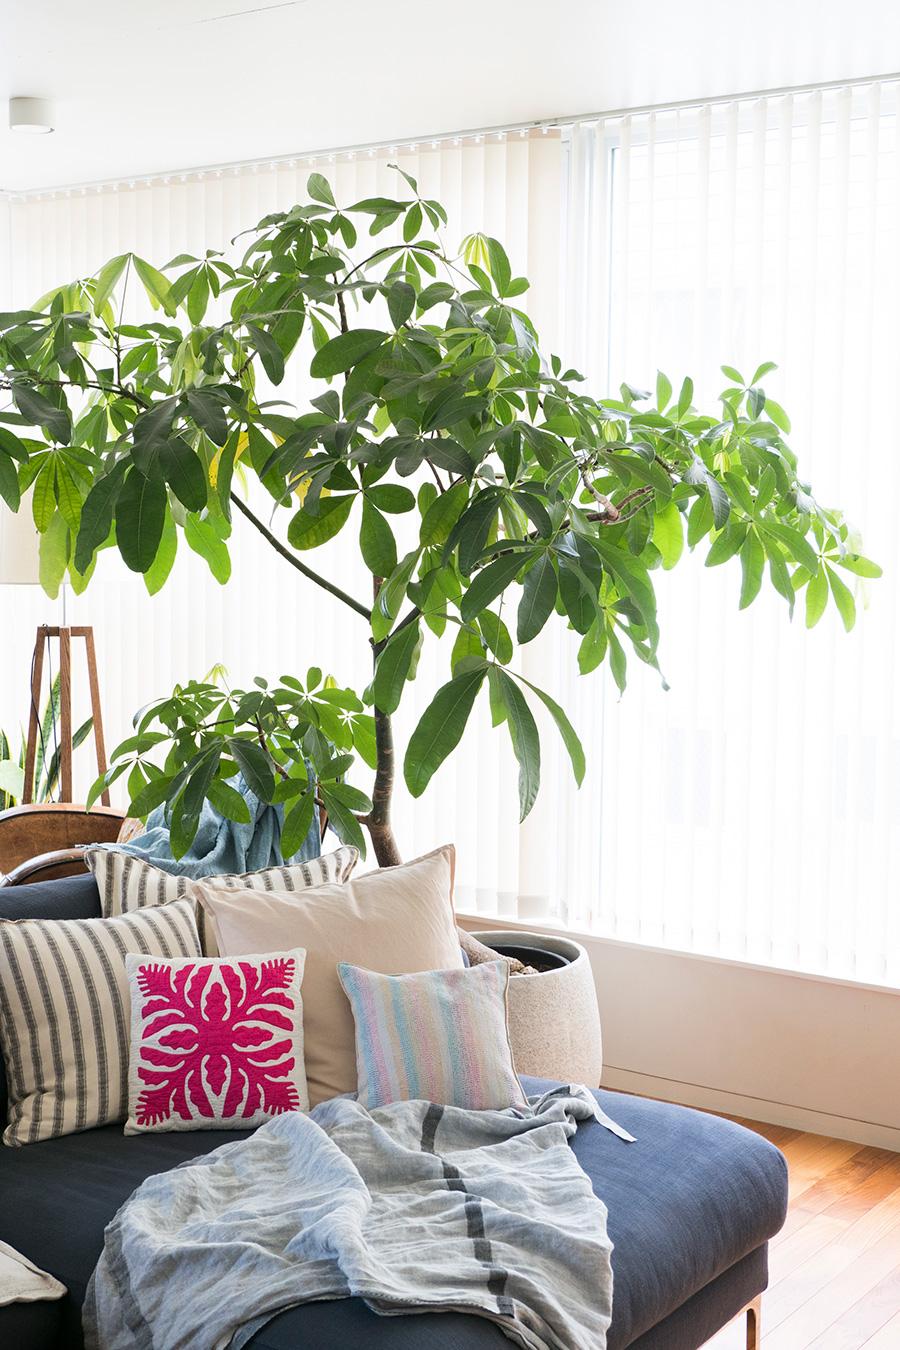 みつま邸のシンボルツリー、パキラ。「グリーンを楽しむこともできるし、パーテーションとしても役立ってくれます」。